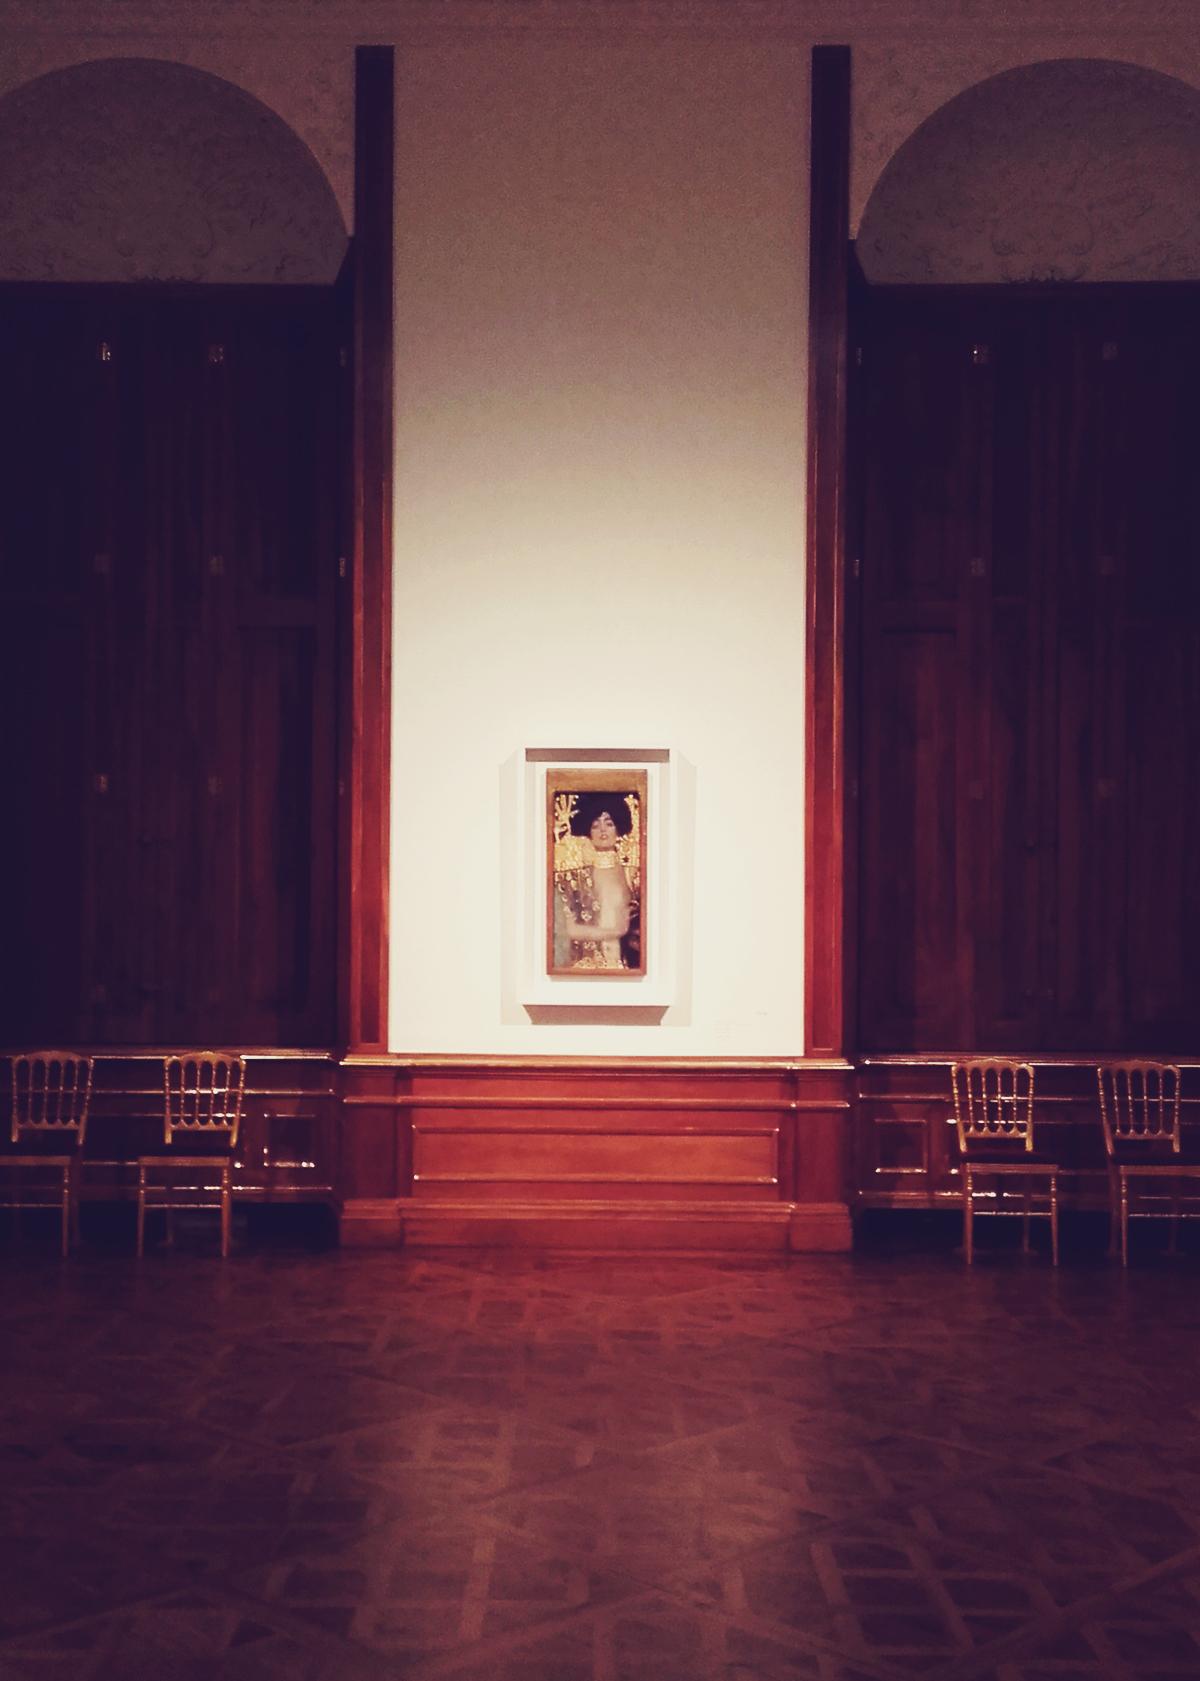 Vienna, Belvedere Museum, Judith, Gustav Klimt, things to see in Vienna